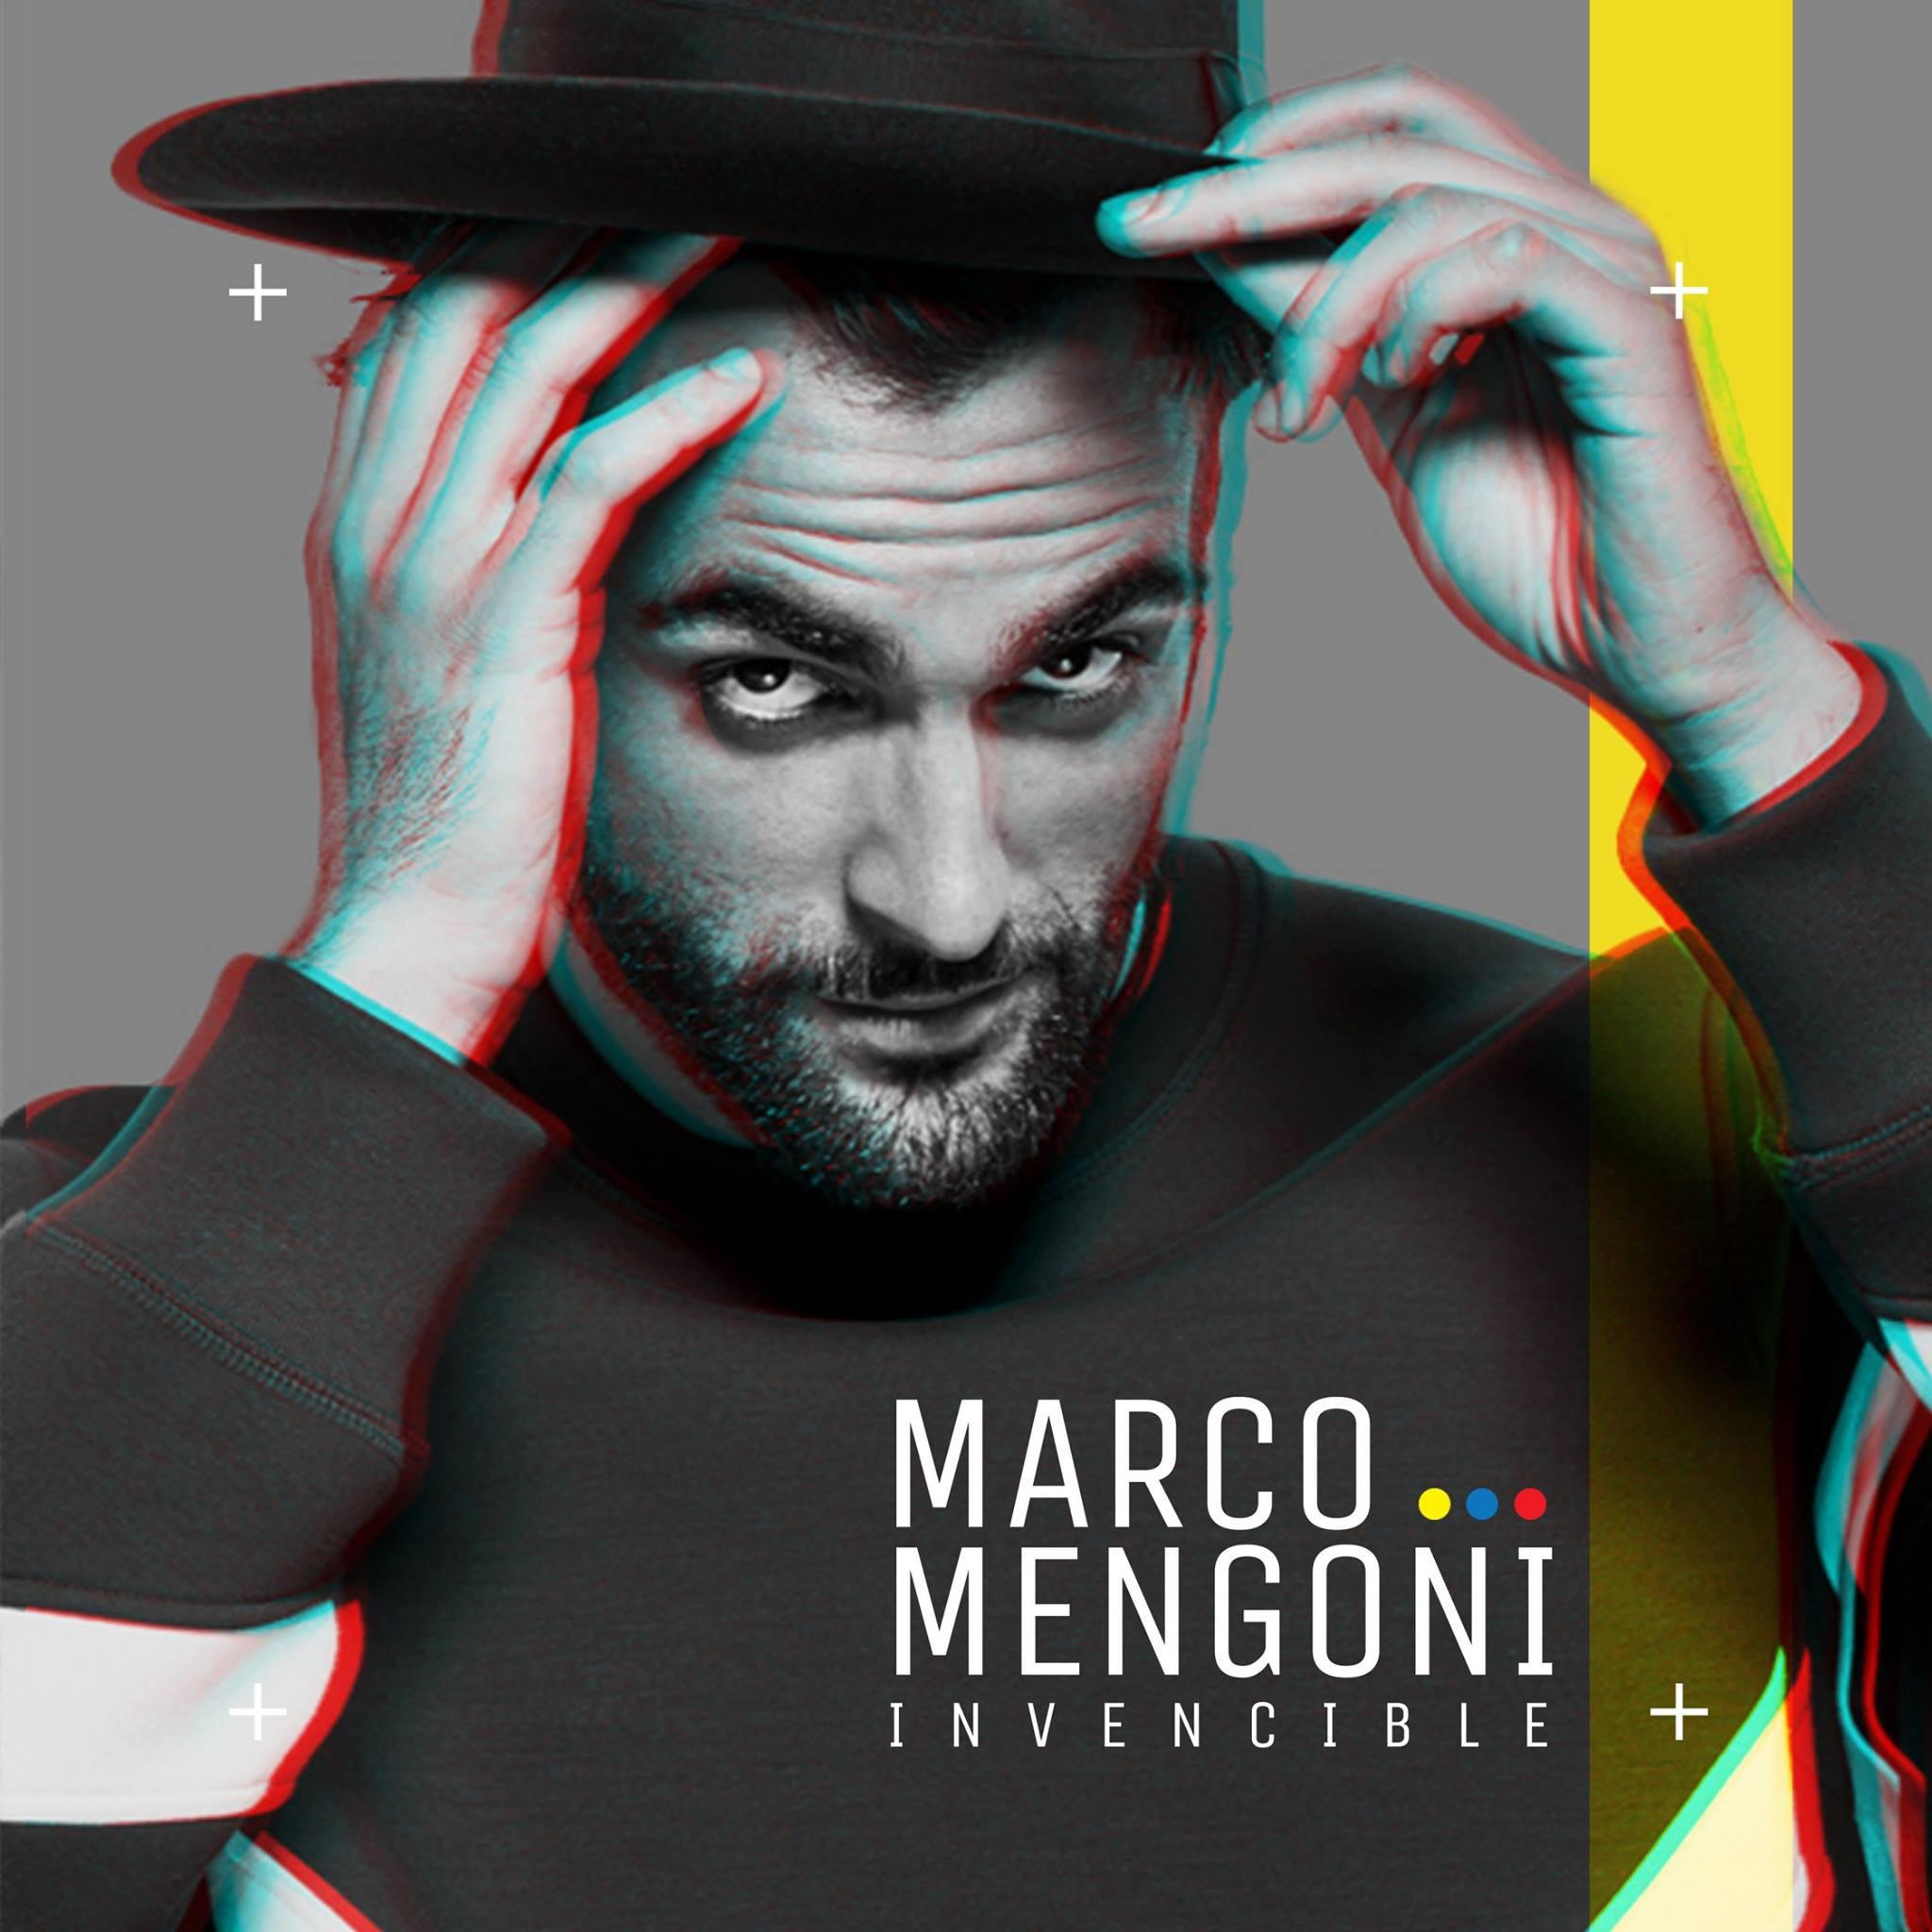 Marco Mengoni: Invencible, la portada de la canción